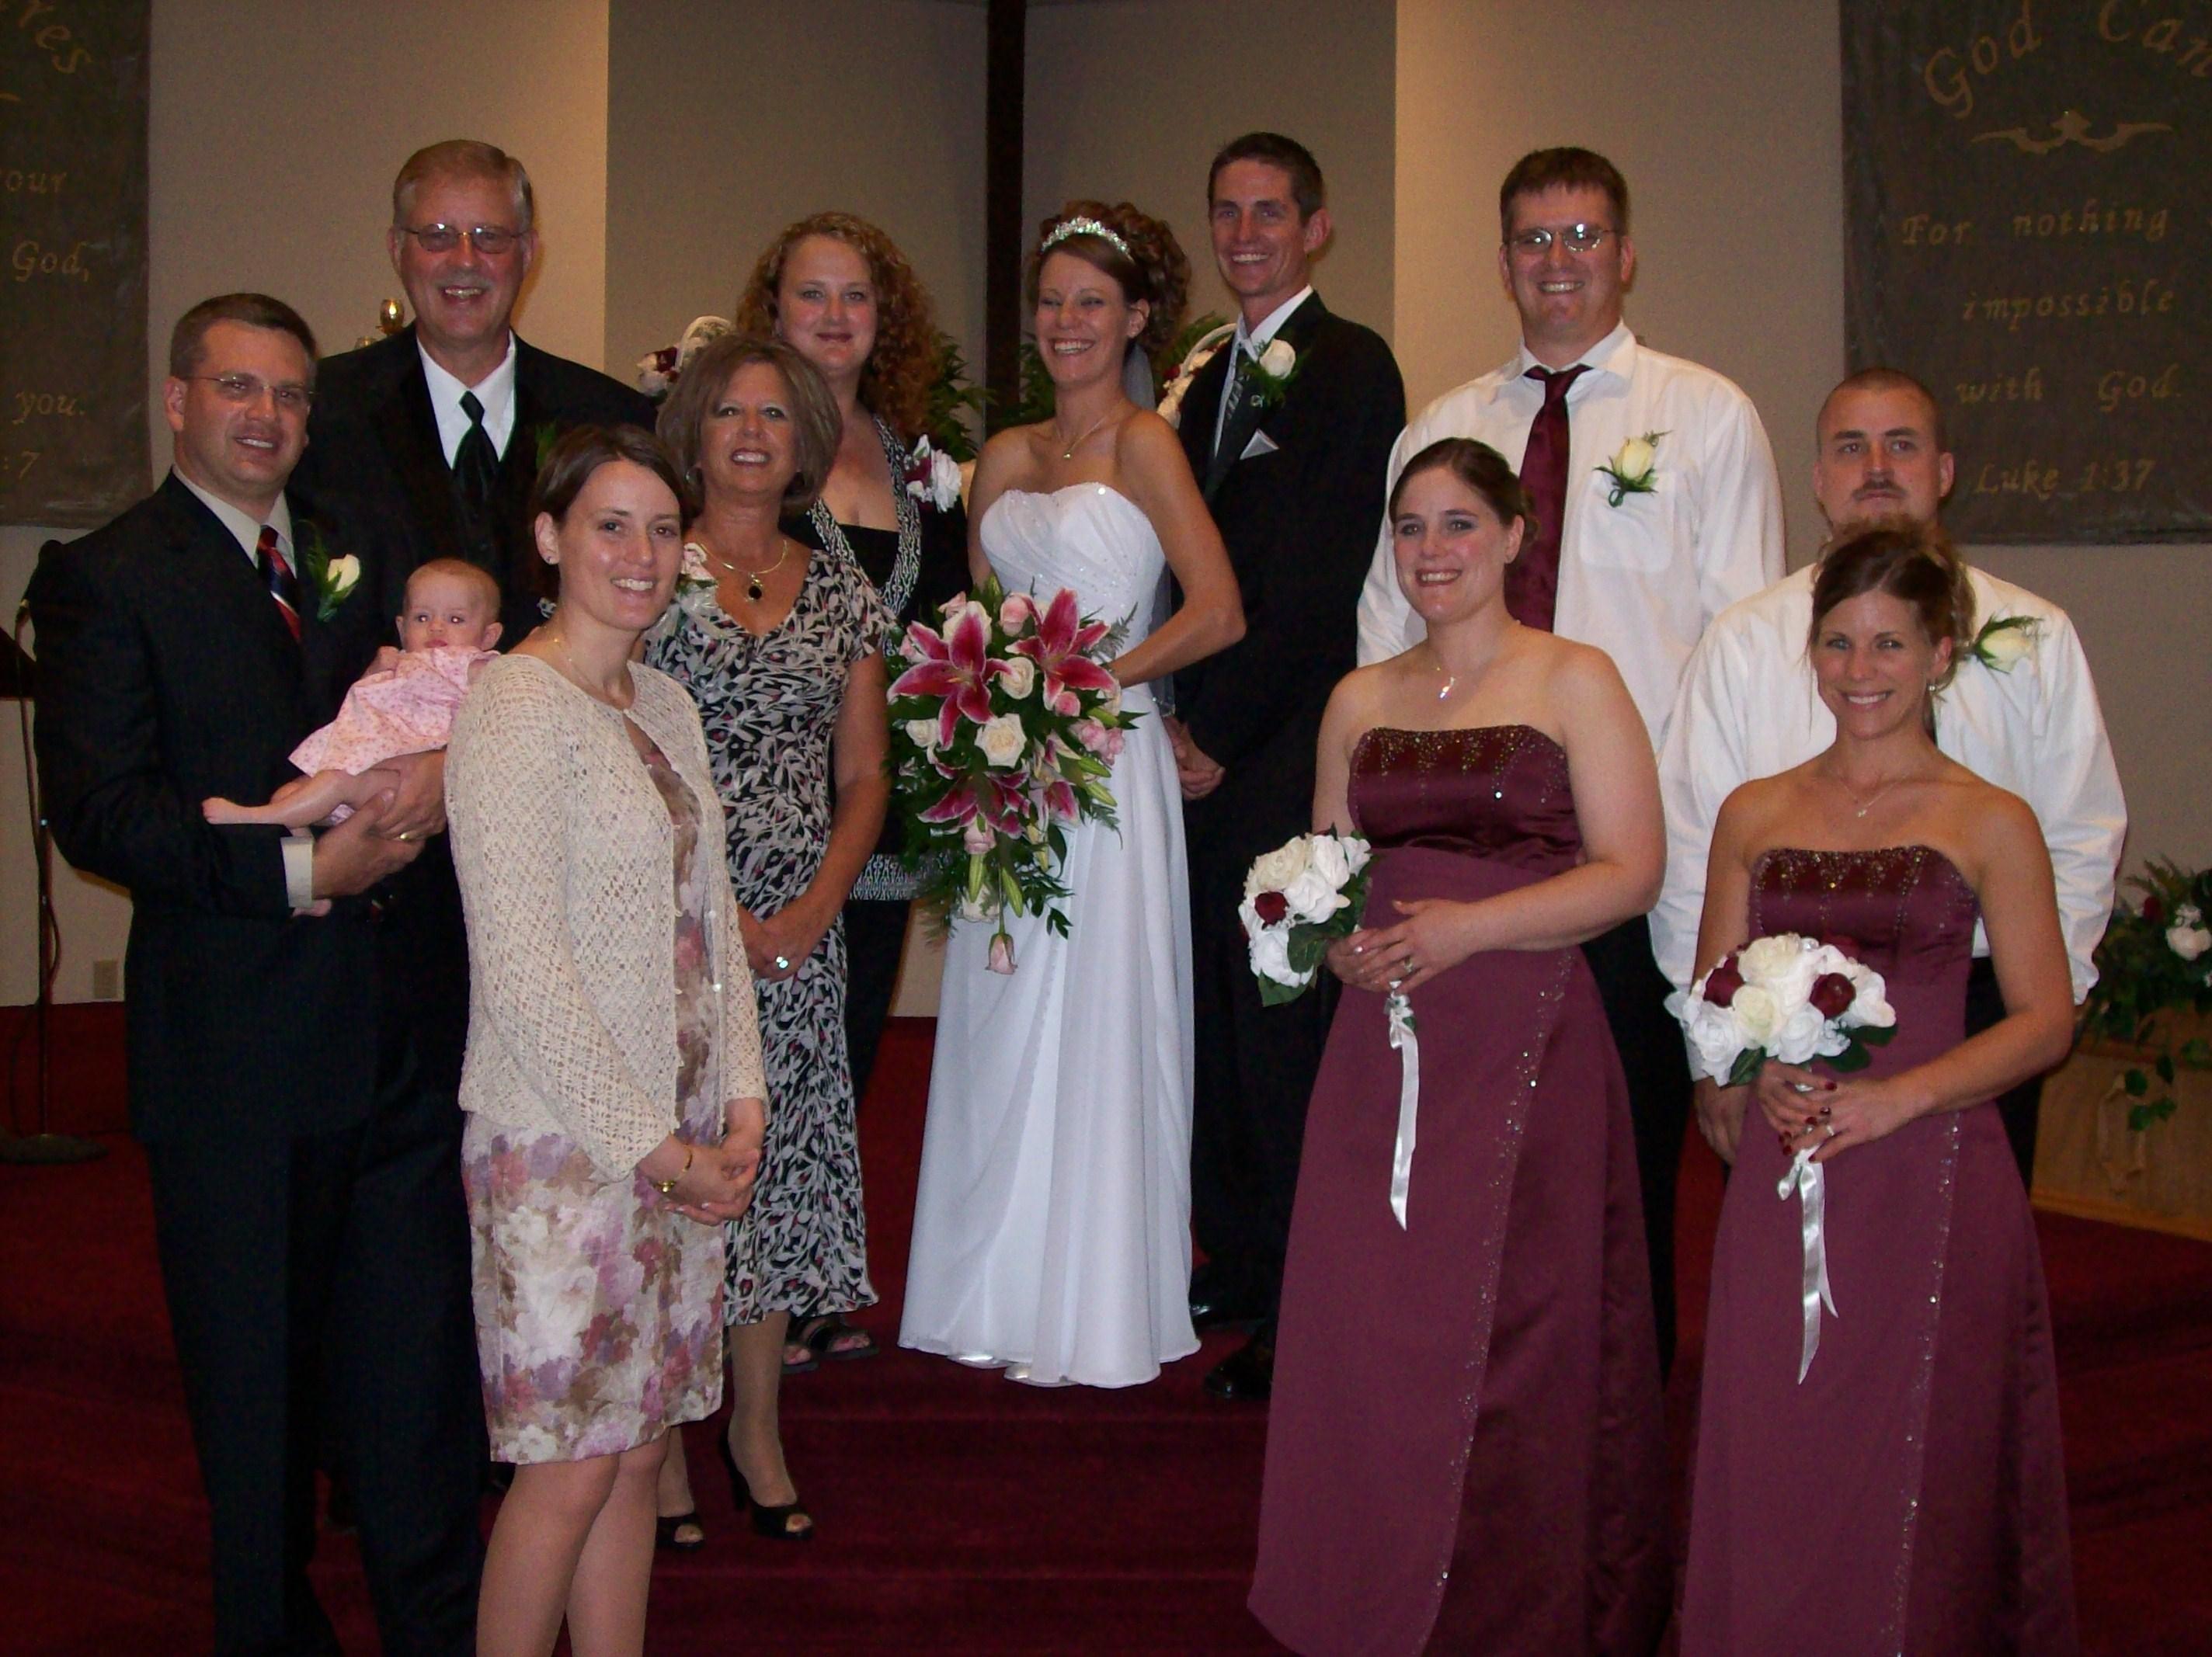 marcias-wedding-041.jpg